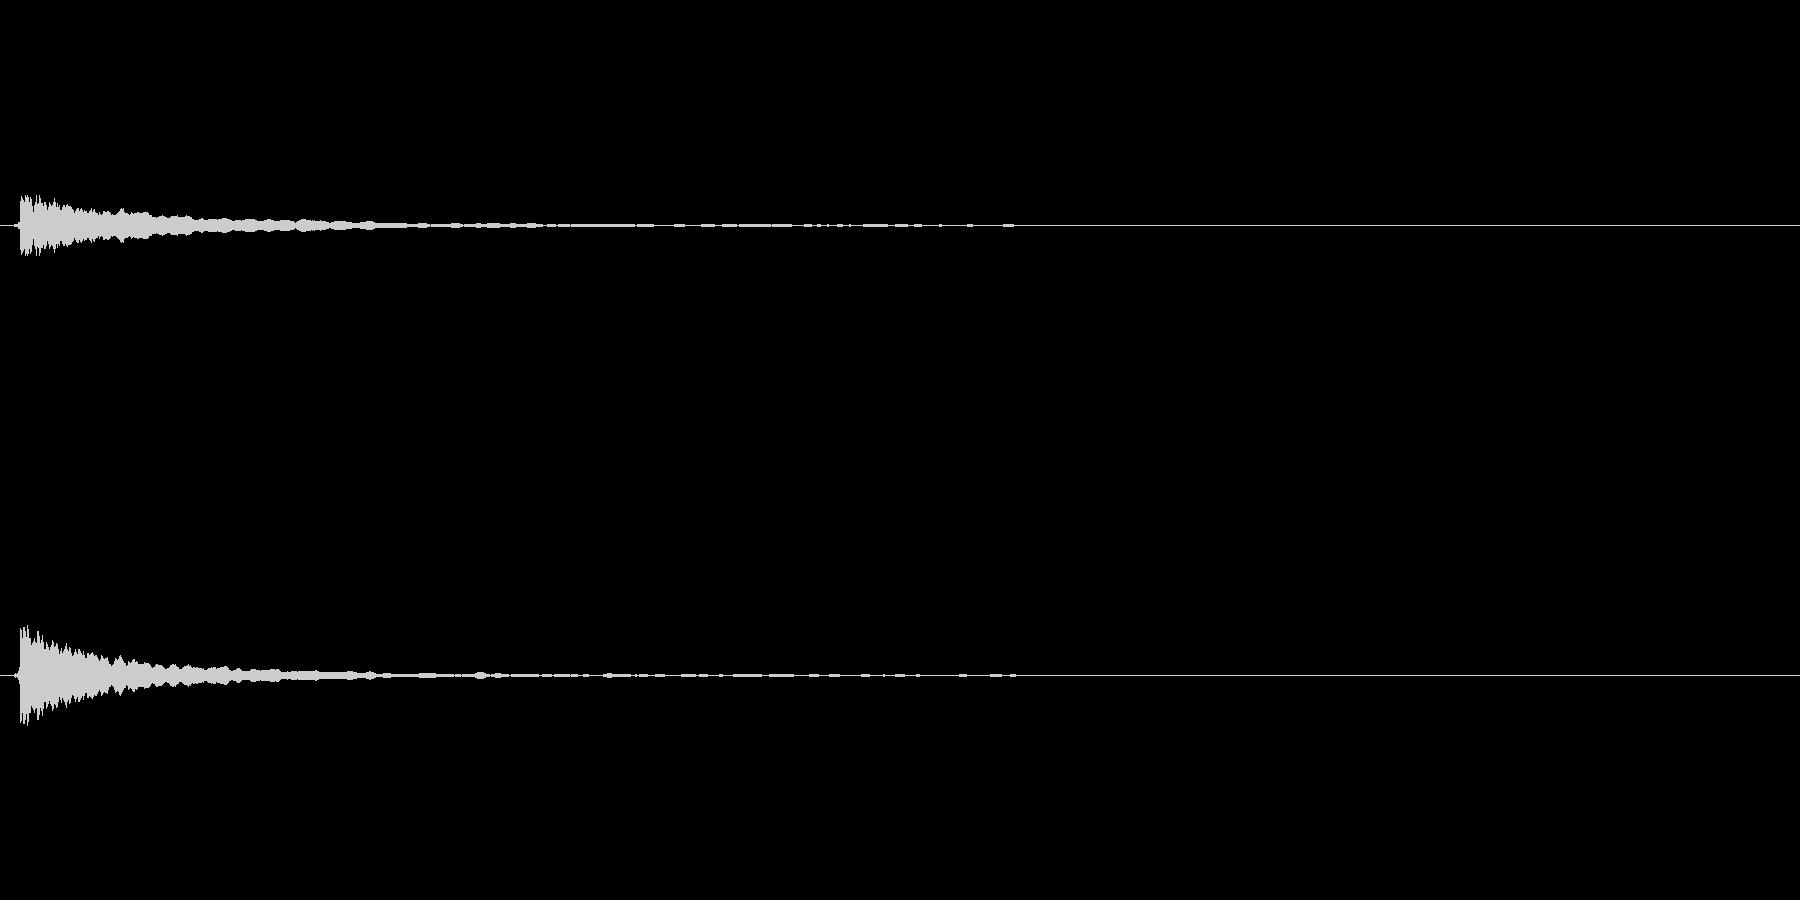 キラキラ系_046の未再生の波形